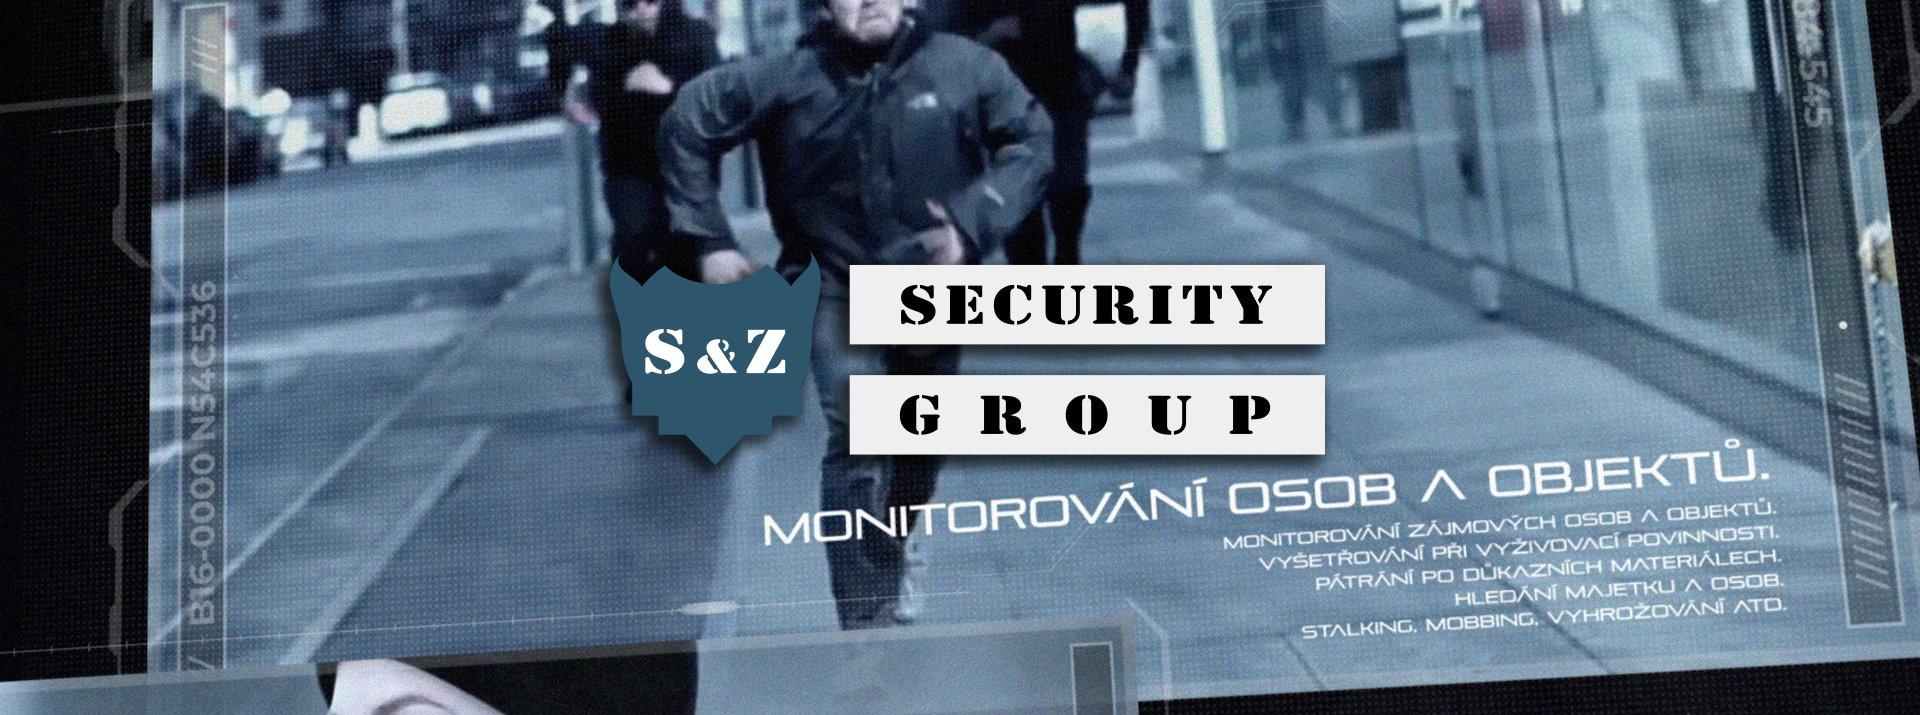 security-plzen-6.jpg